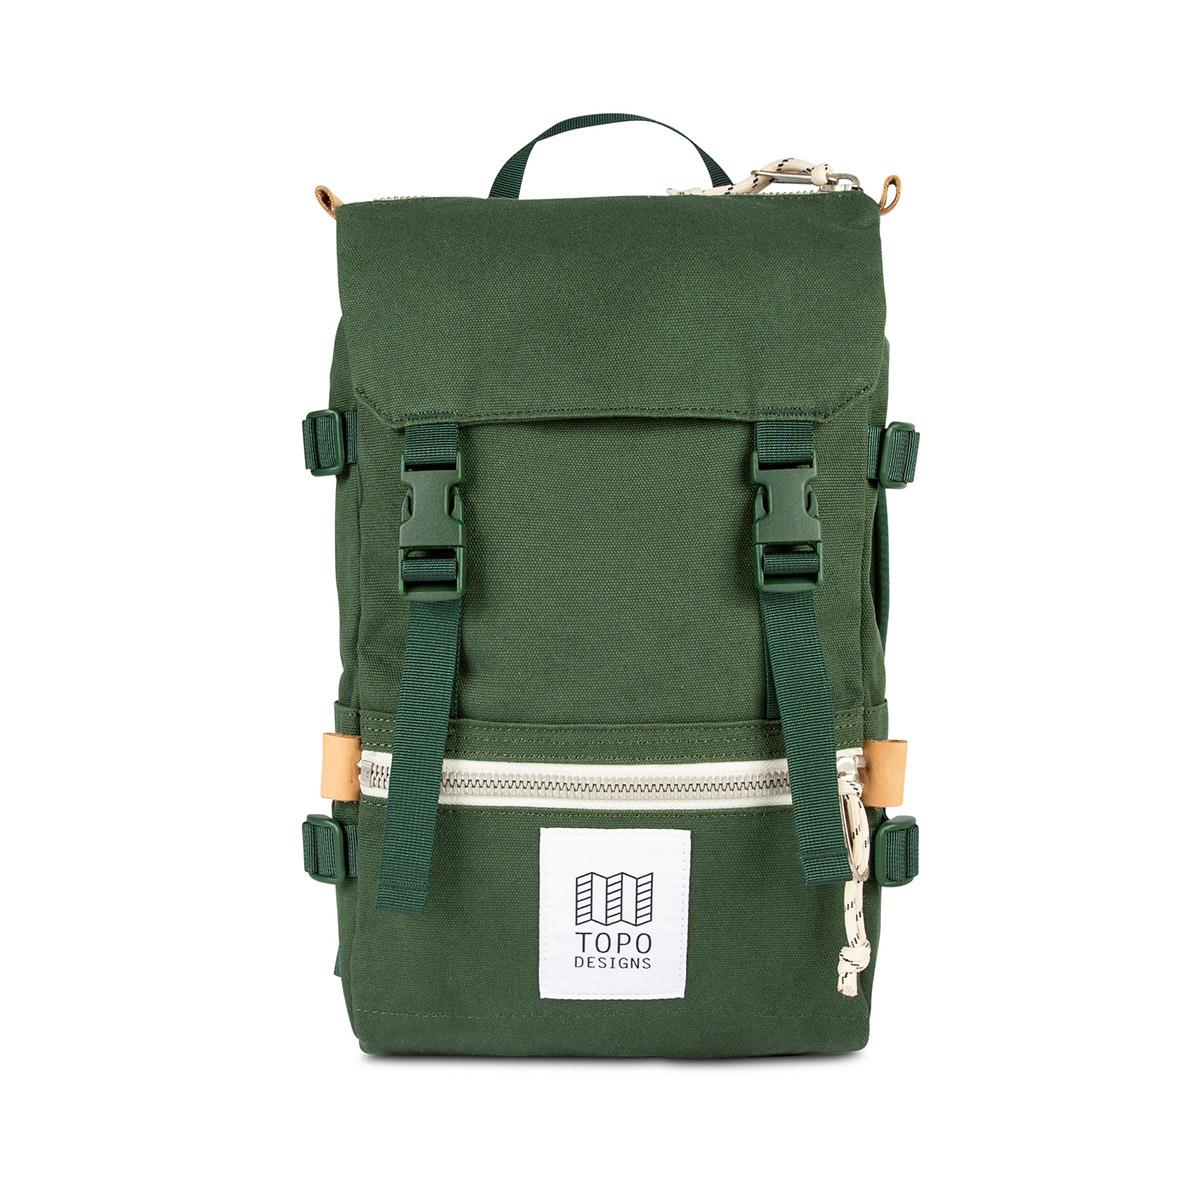 Topo Designs Rover Pack - Mini Canvas Forest, statement-makende rugtas met de perfecte maat om boodschappen mee te doen of mee te nemen tijdens een wandeling